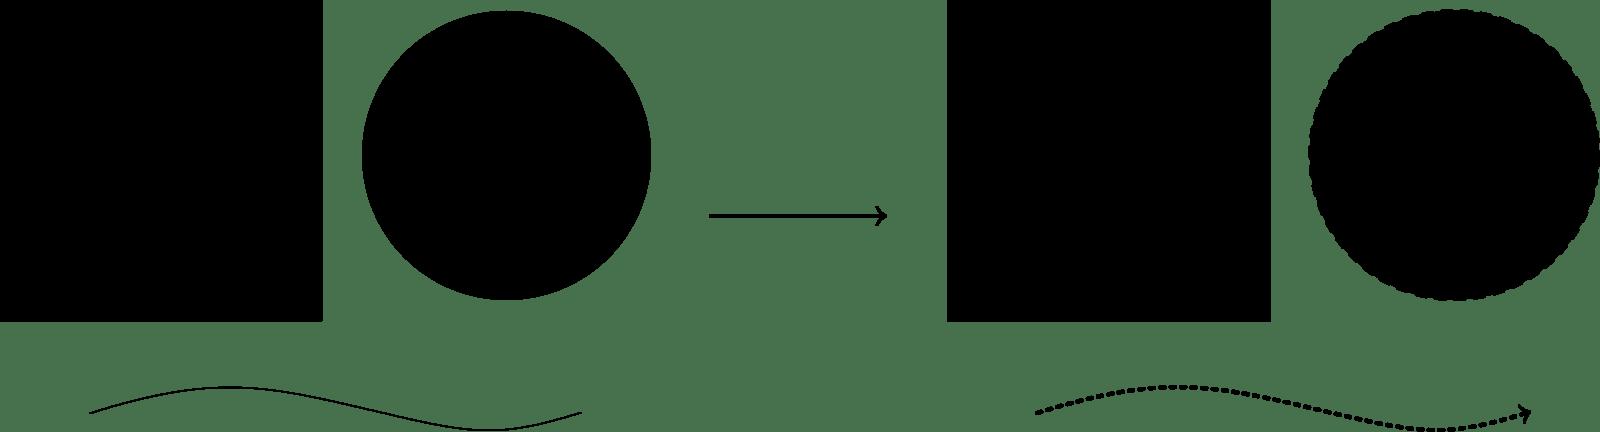 Как я рисую иллюстрации для конспектов по математике в Inkscape - 15